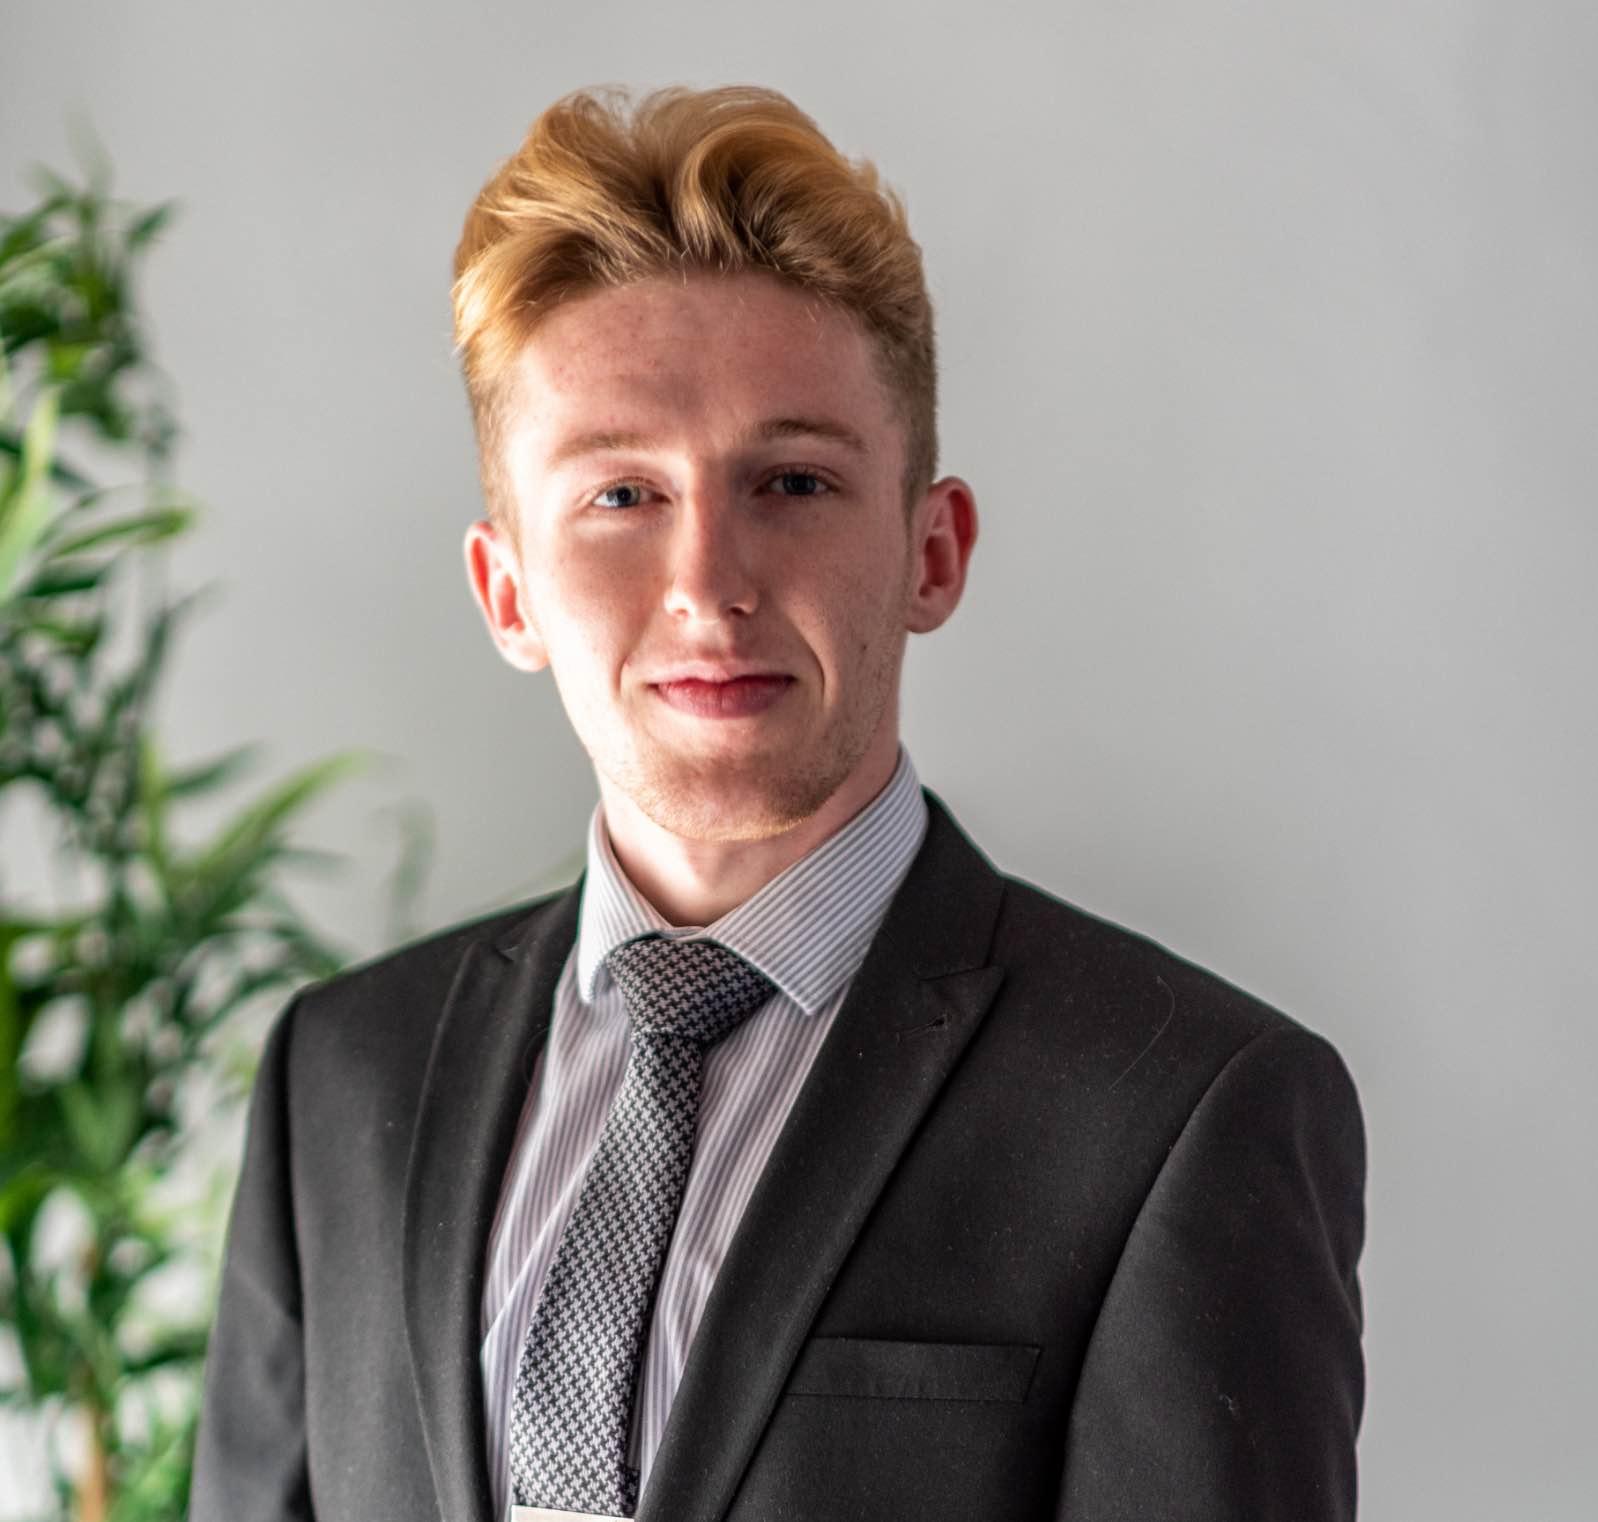 Patrick Nicholls lawyer in Devon